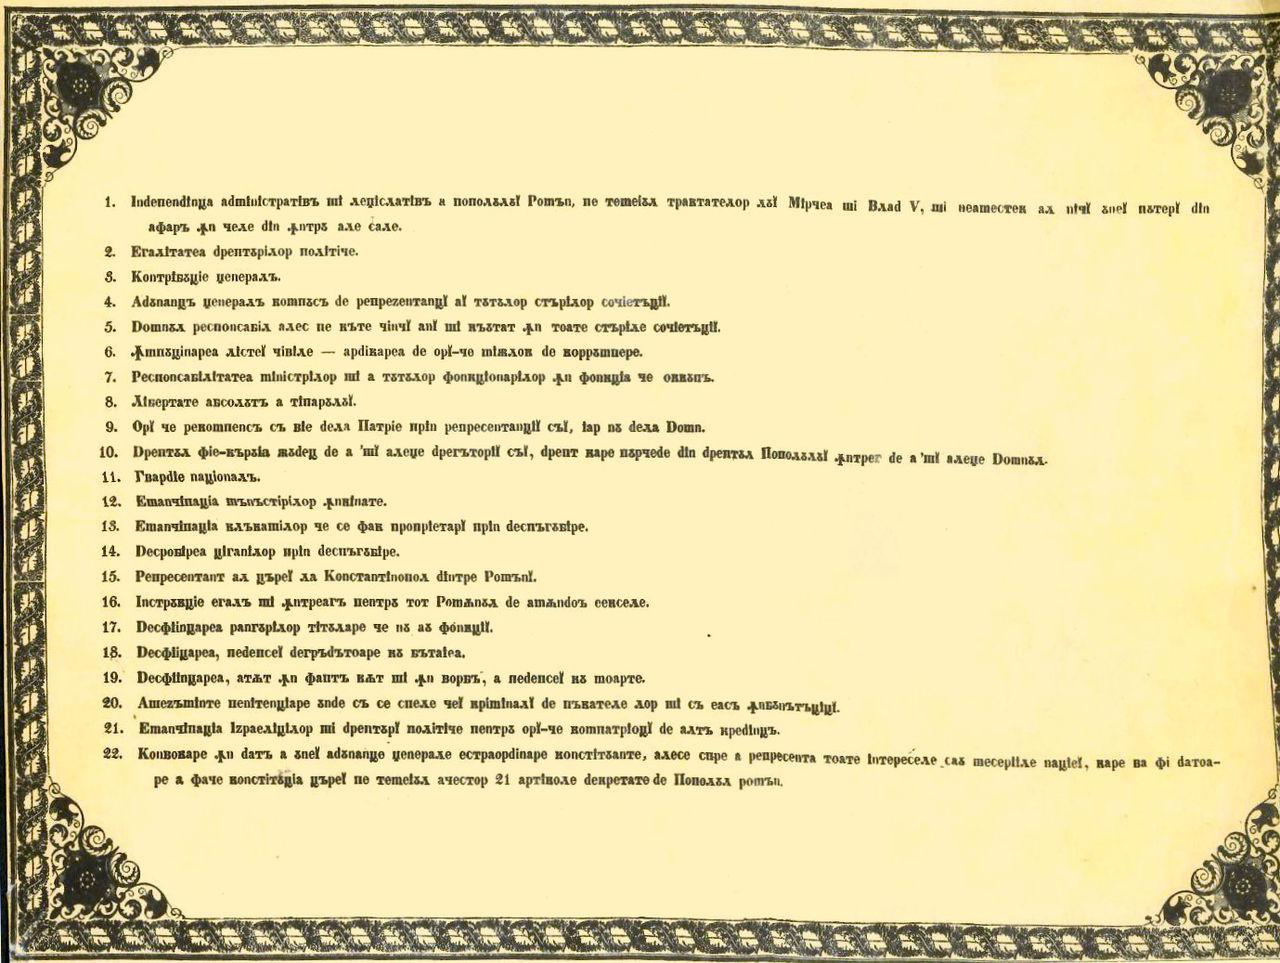 1280px-Proclamaţia_de_la_Islaz_(1848)